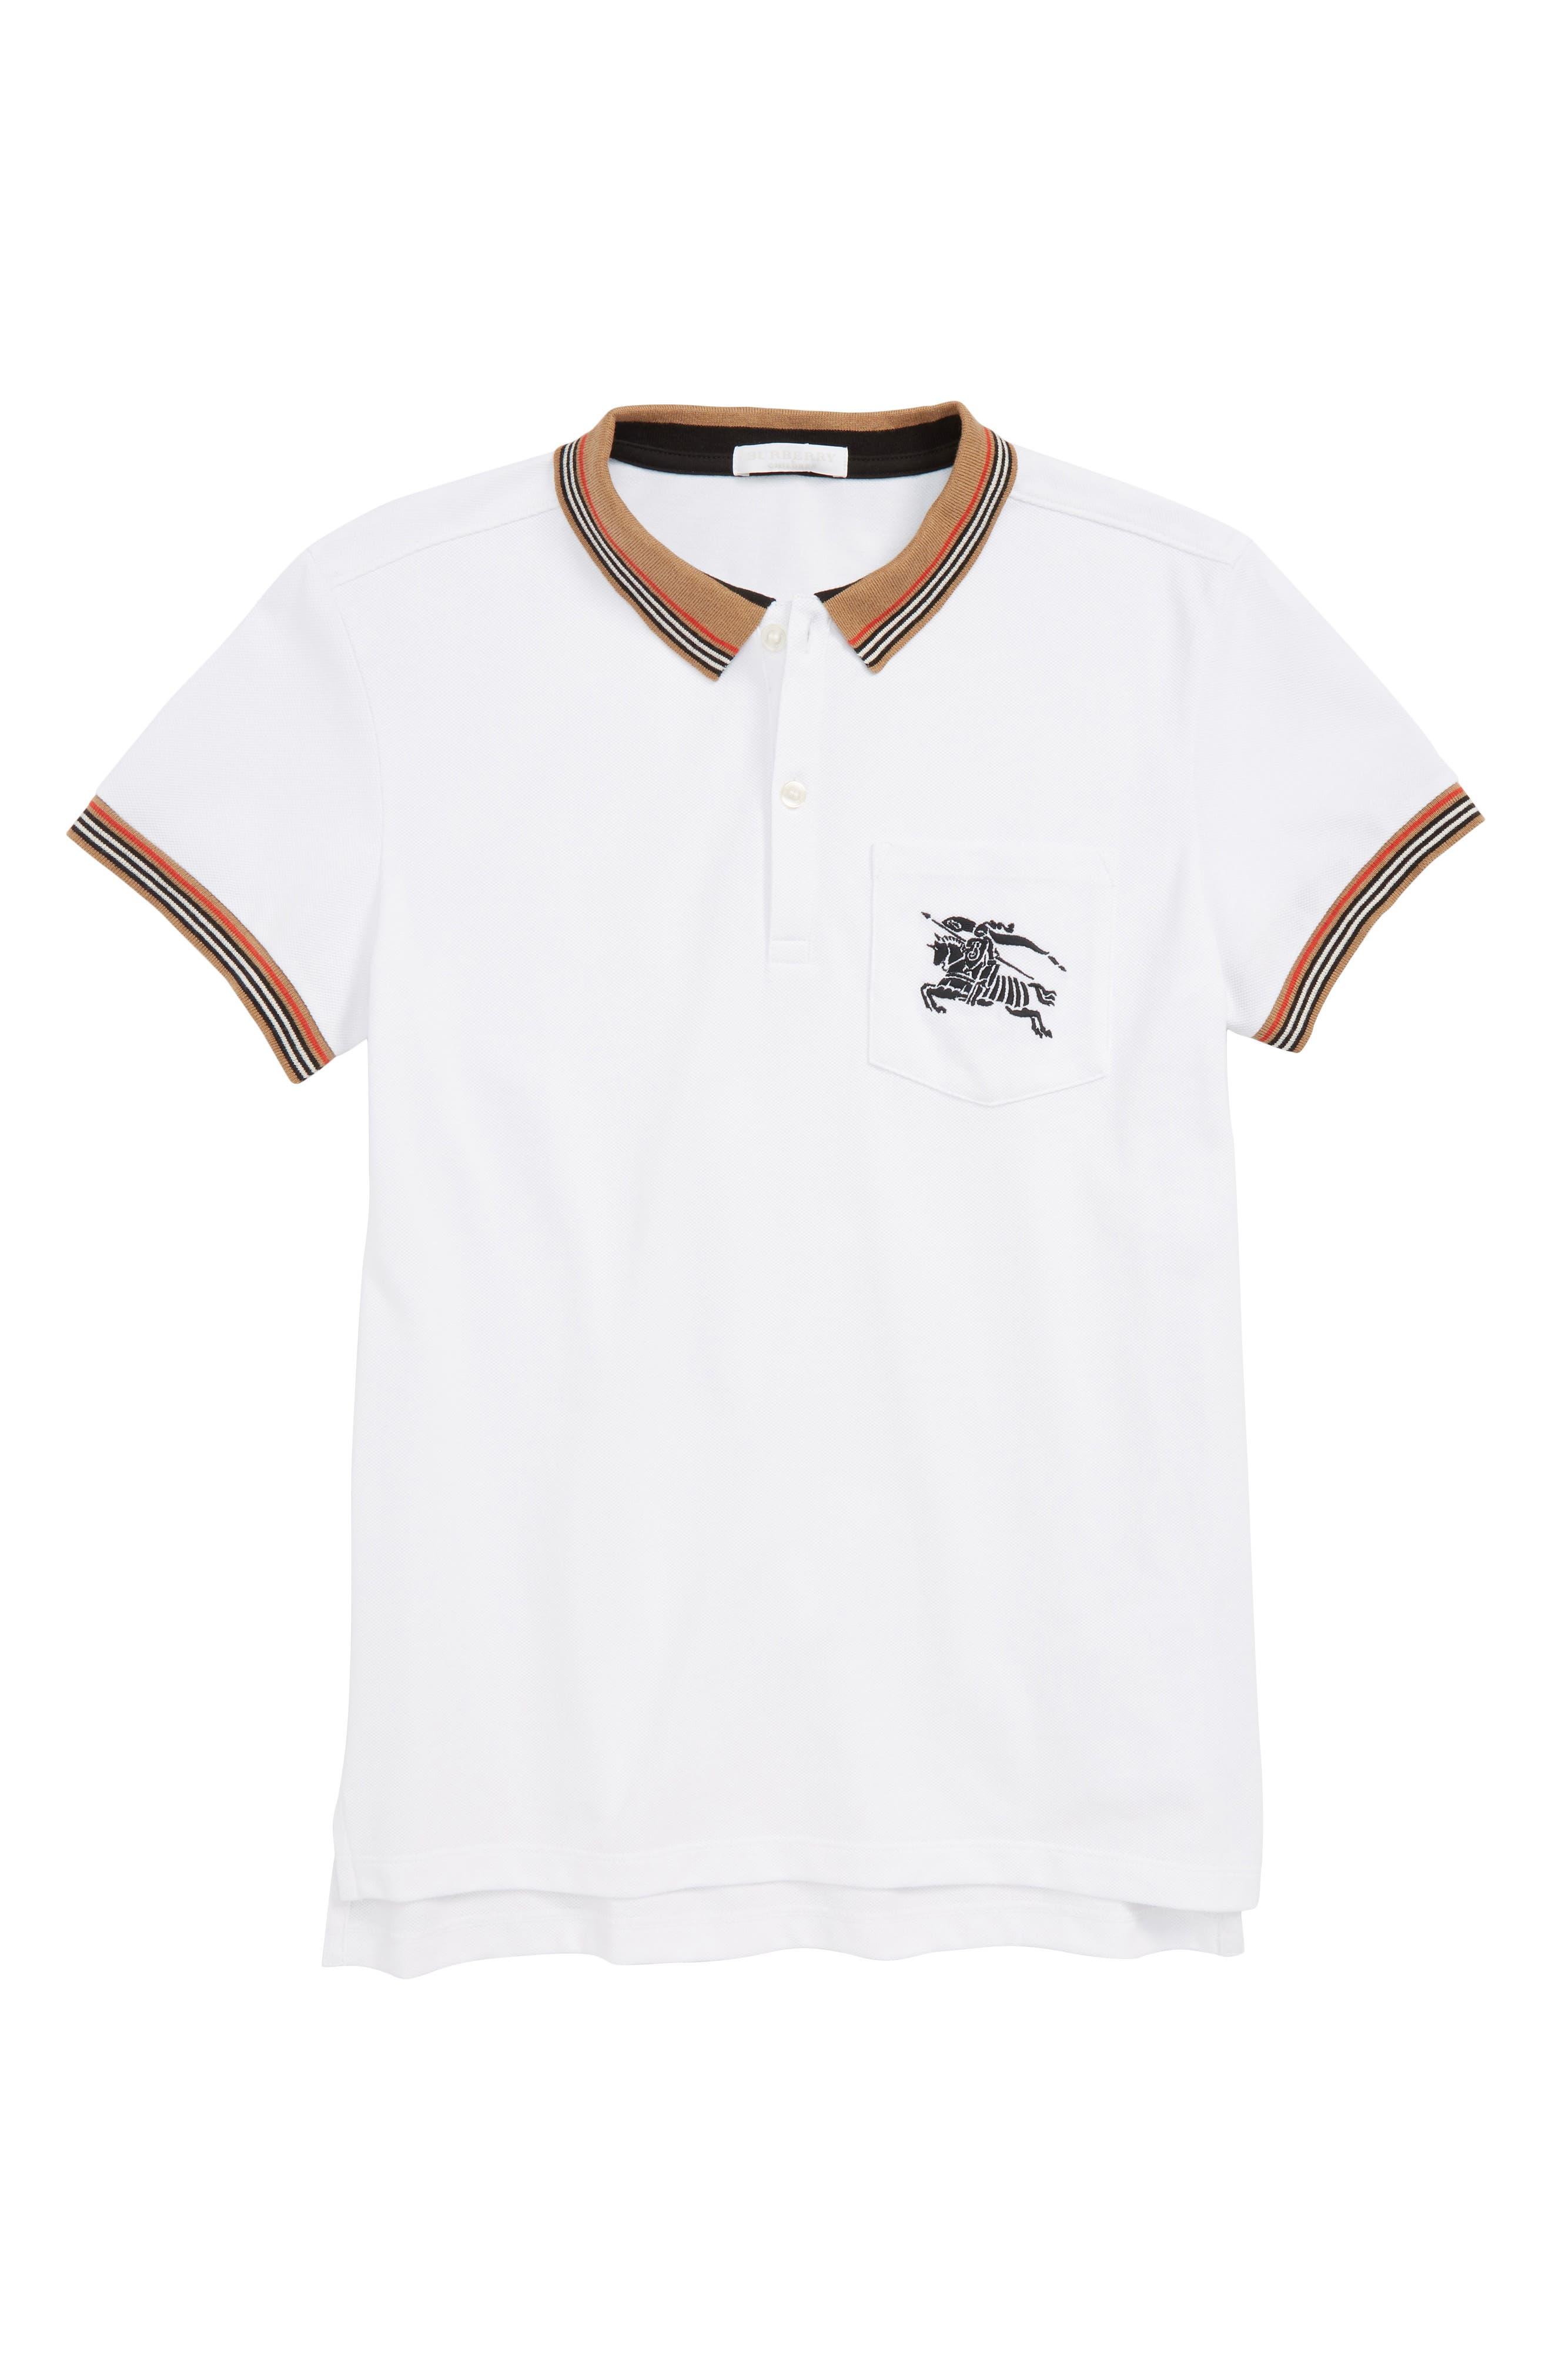 Boys\' Clothing: Hoodies, Shirts, Pants & T-Shirts   Nordstrom